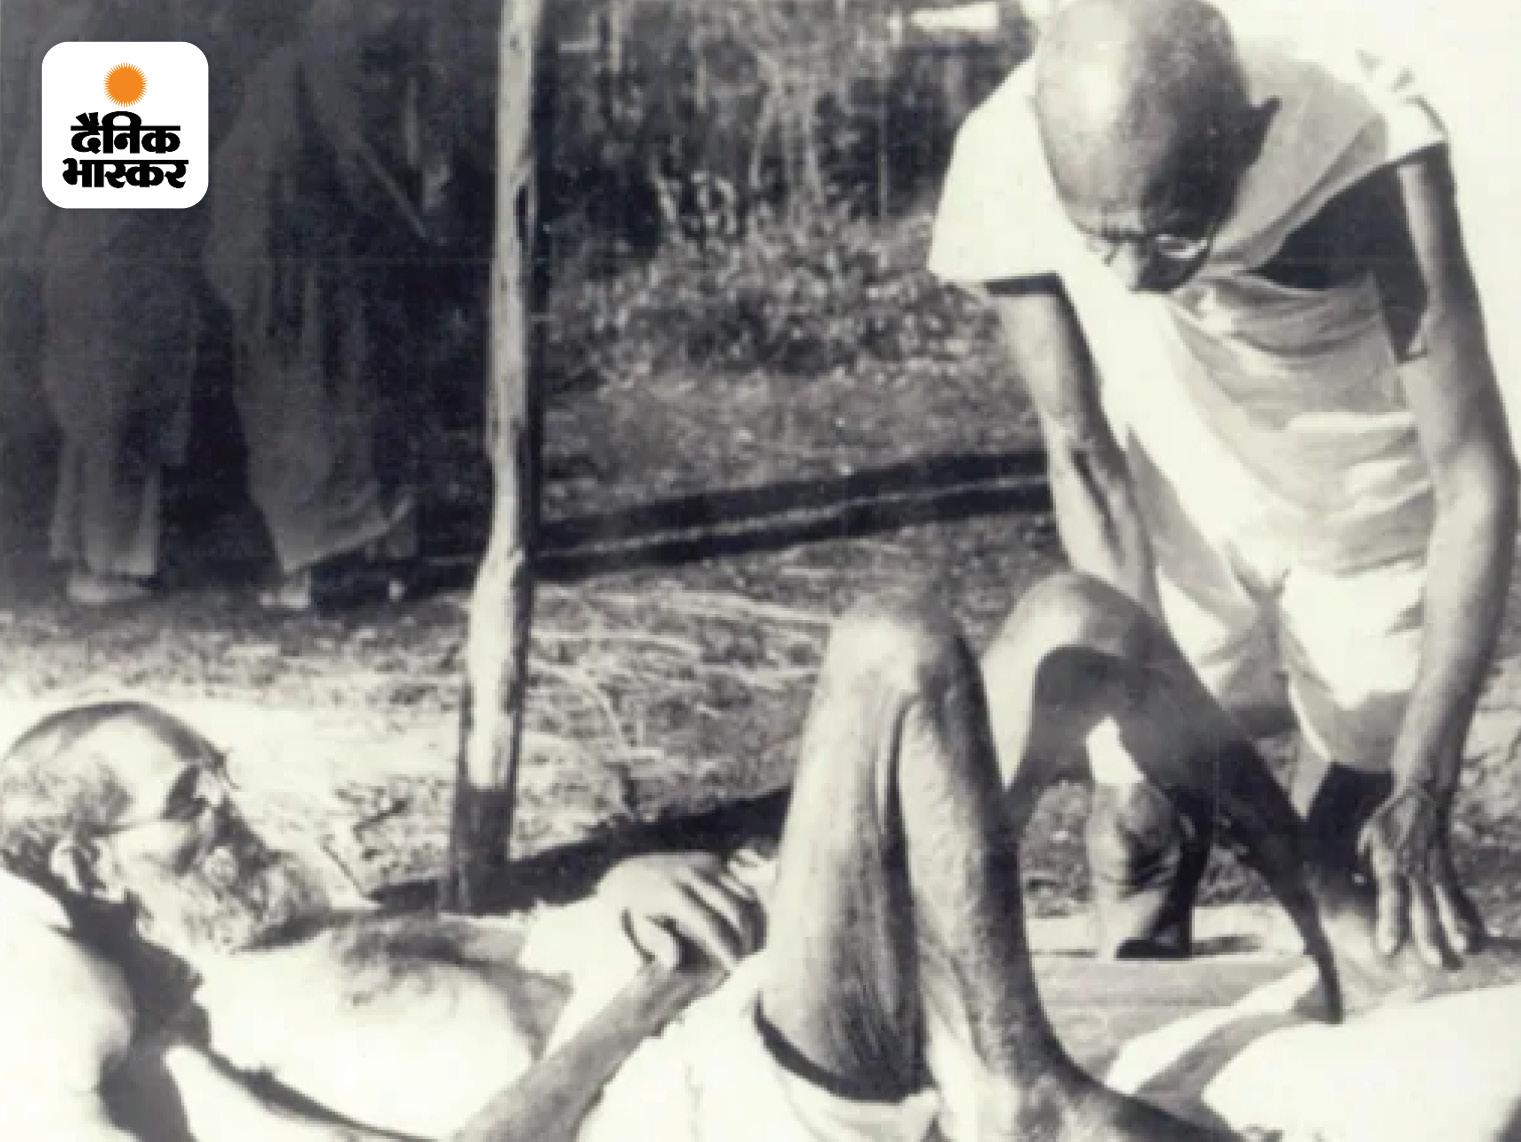 बीमार विनोबा भावे के पैरों की मालिश करते महात्मा गांधी। विनोबा को गांधी के सिद्धांत और विचारधारा काफी पसंद थी इसलिए उन्होंने गांधी को अपना राजनीतिक और आध्यात्मिक गुरु बनाने का फैसला किया। साल 1940 तक तो विनोबा भावे को सिर्फ वही लोग जानते थे, जो उनके इर्द-गिर्द रहते थे। 5 अक्टूबर 1940 को गांधी ने एक बयान जारी किया और विनोबा को पहला सत्याग्रही बताया।